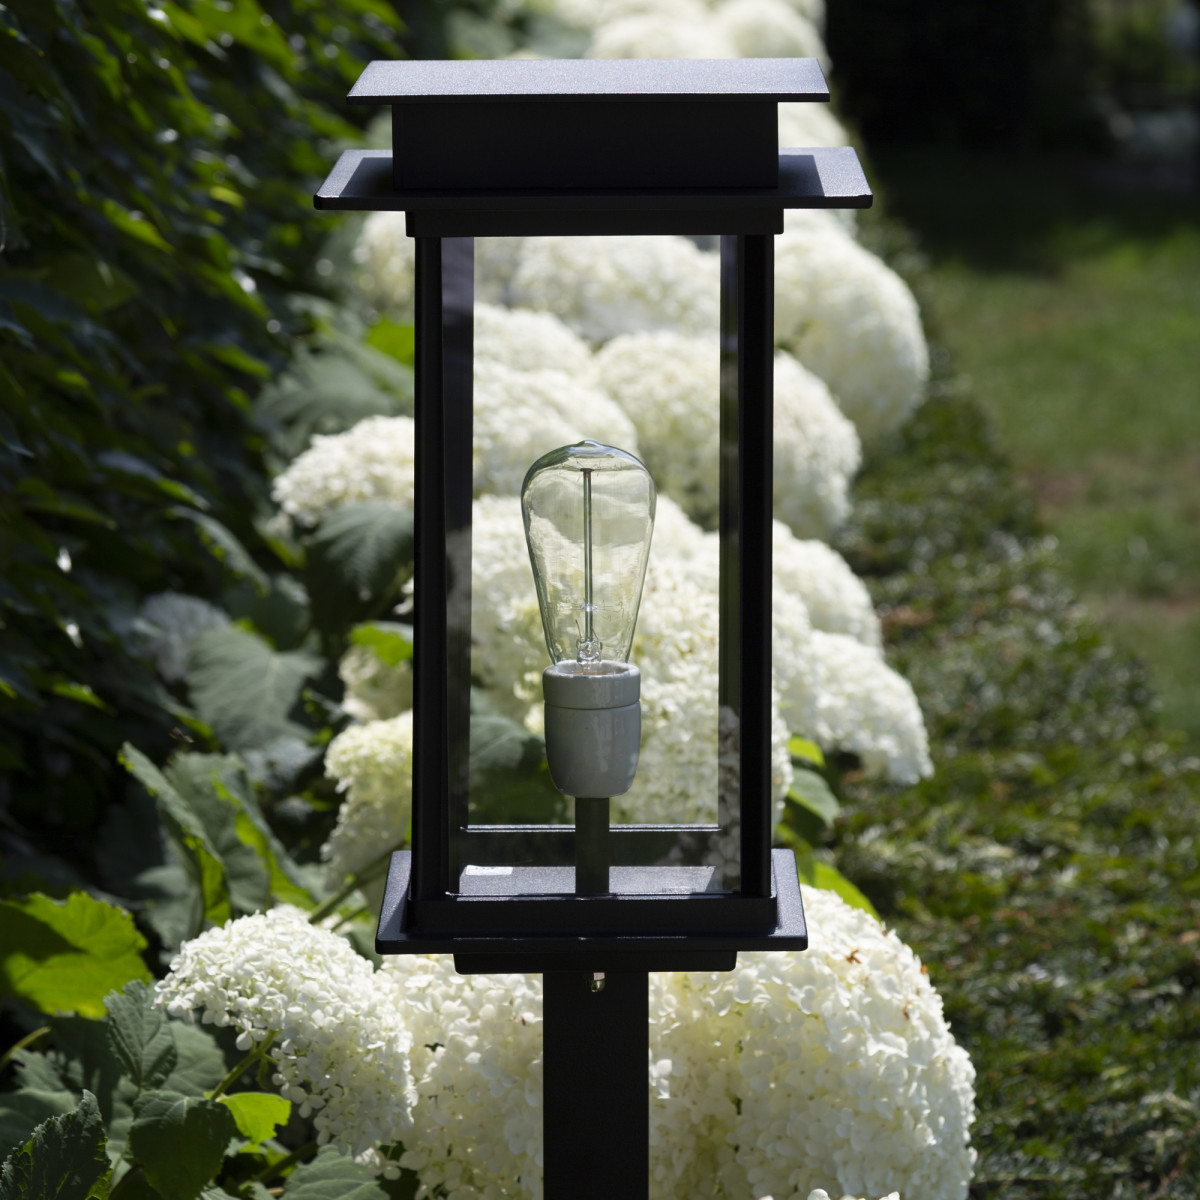 Buitenlamp Praag II Terras klassiek landelijke tuinverlichting van KS Verlichting, Nostalux.nl